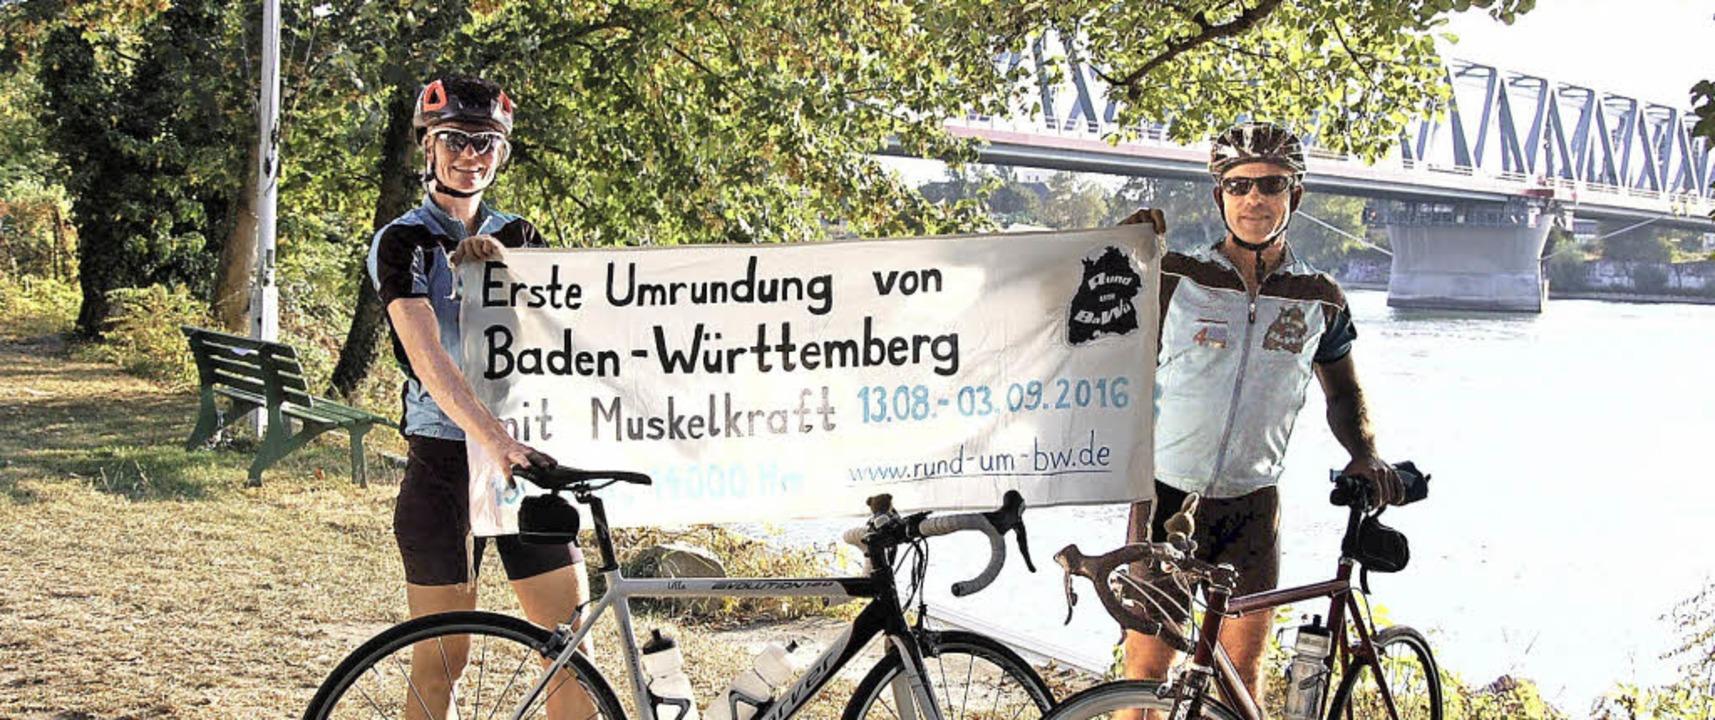 Ute Jansen und Markus Frommlet bei ihrer Ankunft mit den Rennrädern  in Kehl.   | Foto: Karen Christeleit